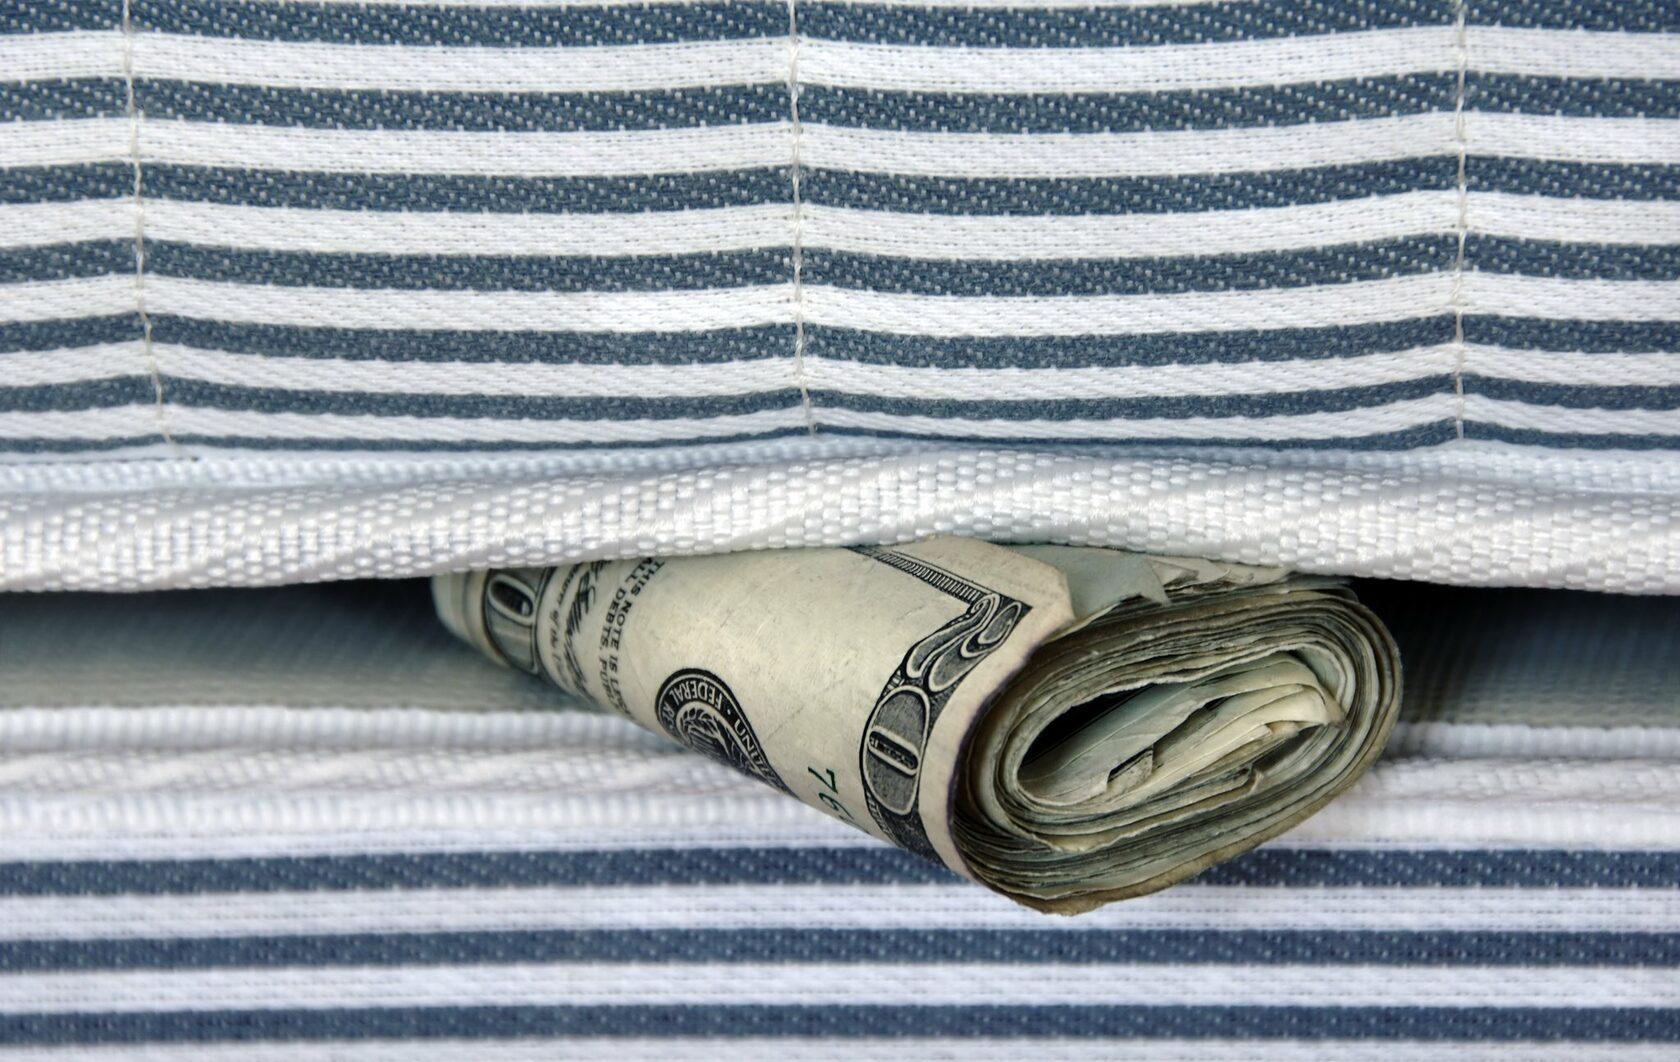 Украинцы должны вытащить всю наличку «из-под матраса», отнести ее в банк и заплатить за это 5% налога.